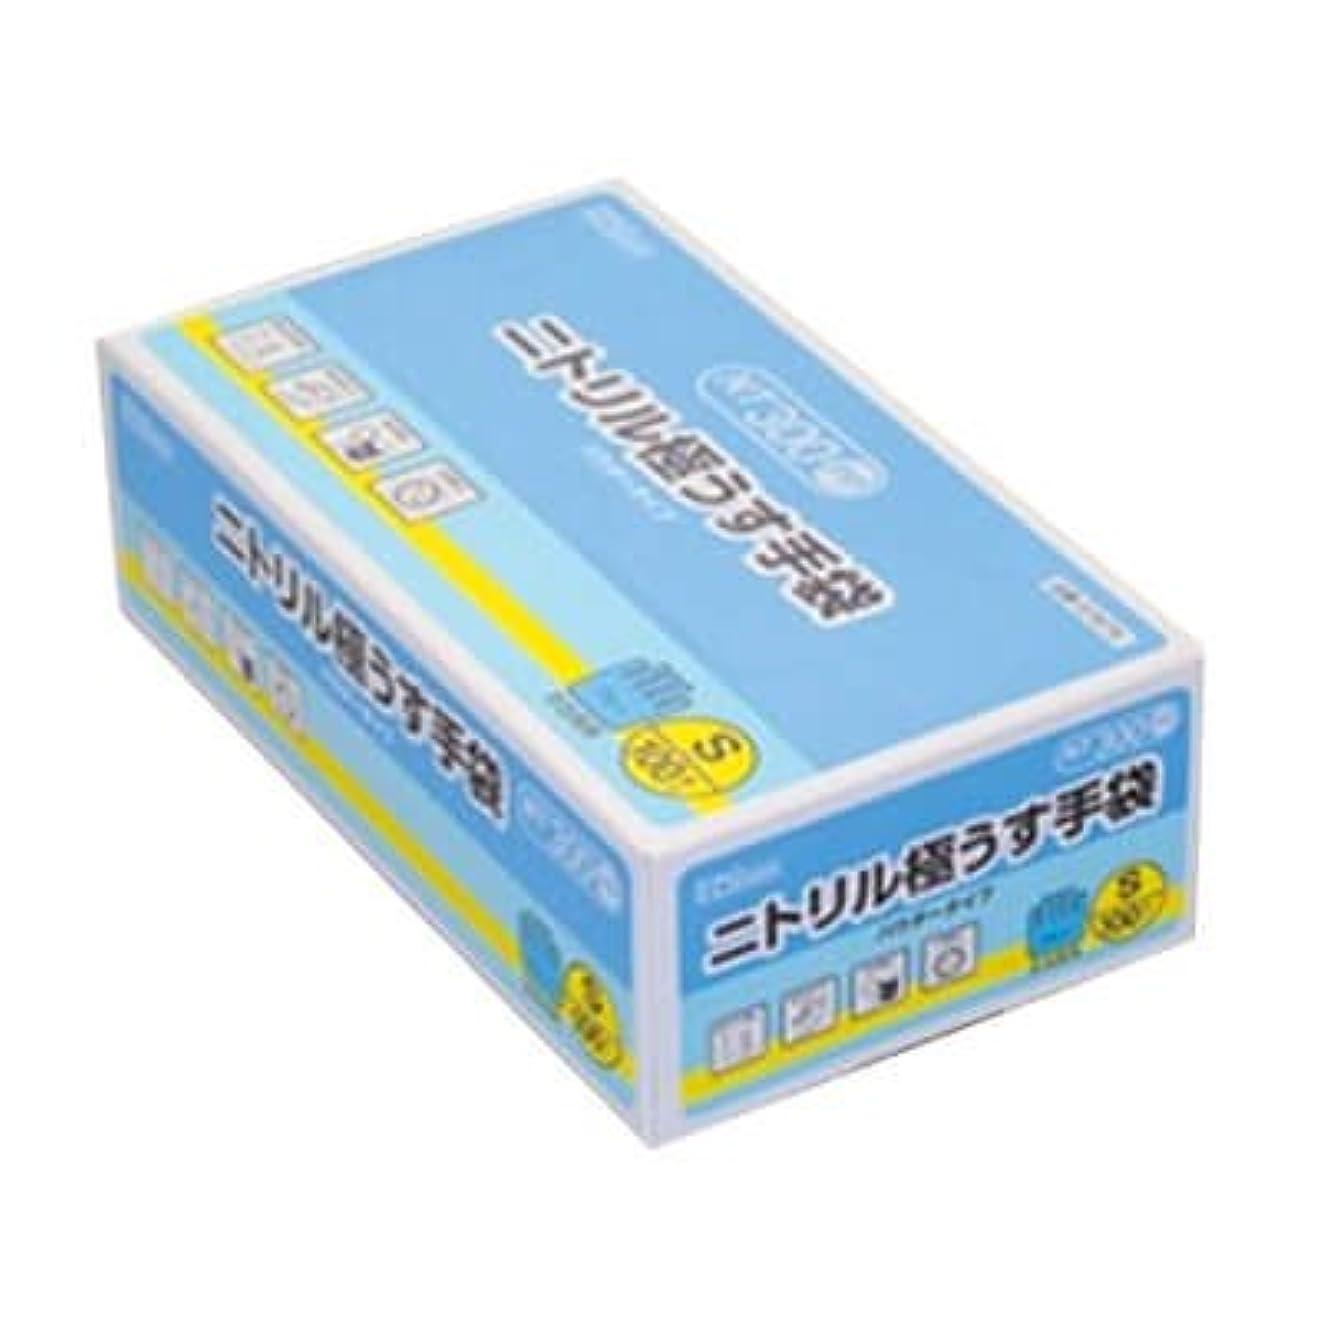 ファンブルペスト春【ケース販売】 ダンロップ ニトリル極うす手袋 粉付 S ブルー NT-300 (100枚入×20箱)